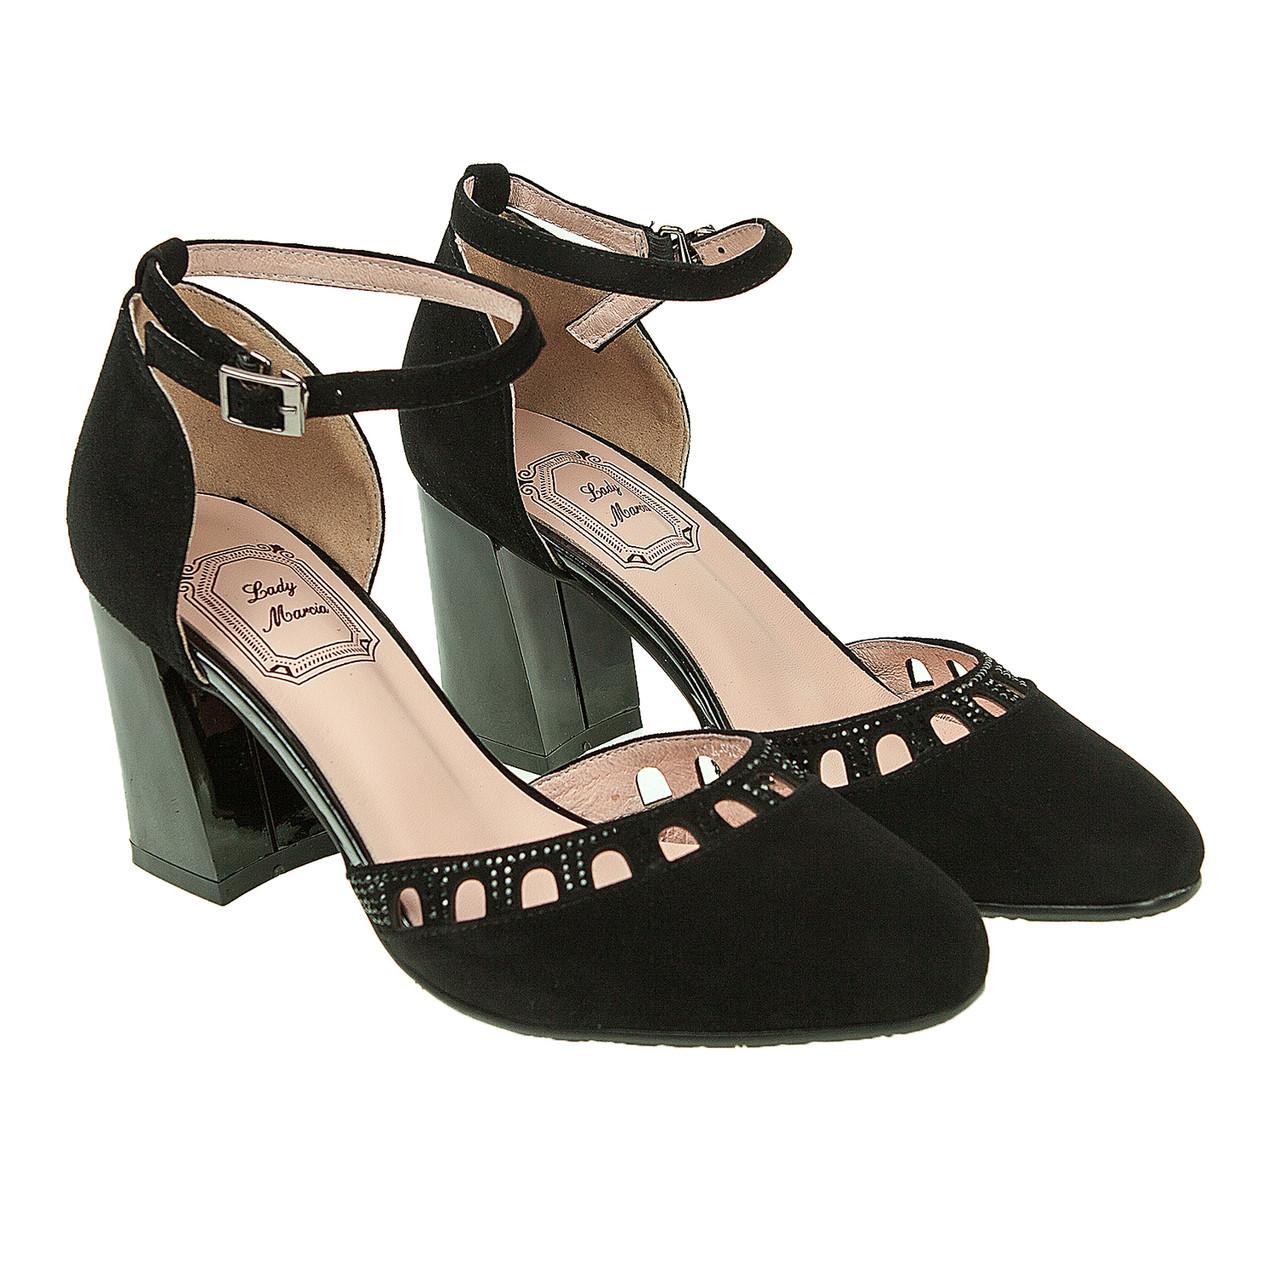 f0f886f8ae3b Босоножки женские Lady Marcia (черные, замшевые, с закрытым носком), цена  995 грн., купить ...